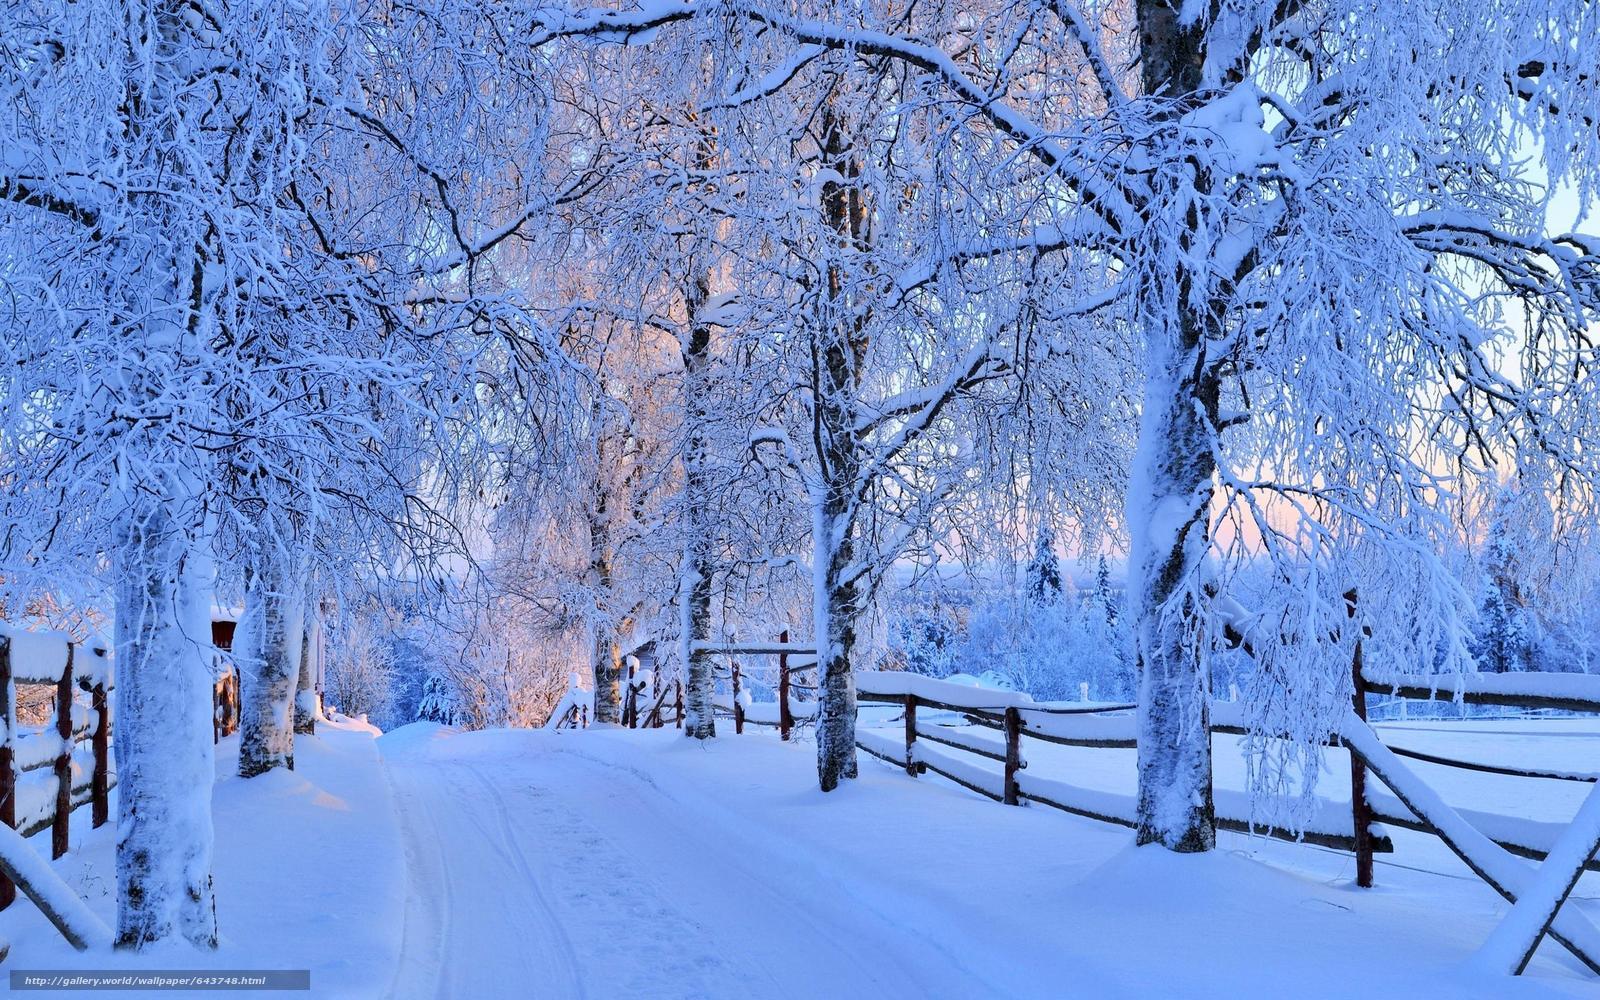 Скачать обои зима,  дорога,  деревья,  пейзаж бесплатно для рабочего стола в разрешении 2560x1600 — картинка №643748